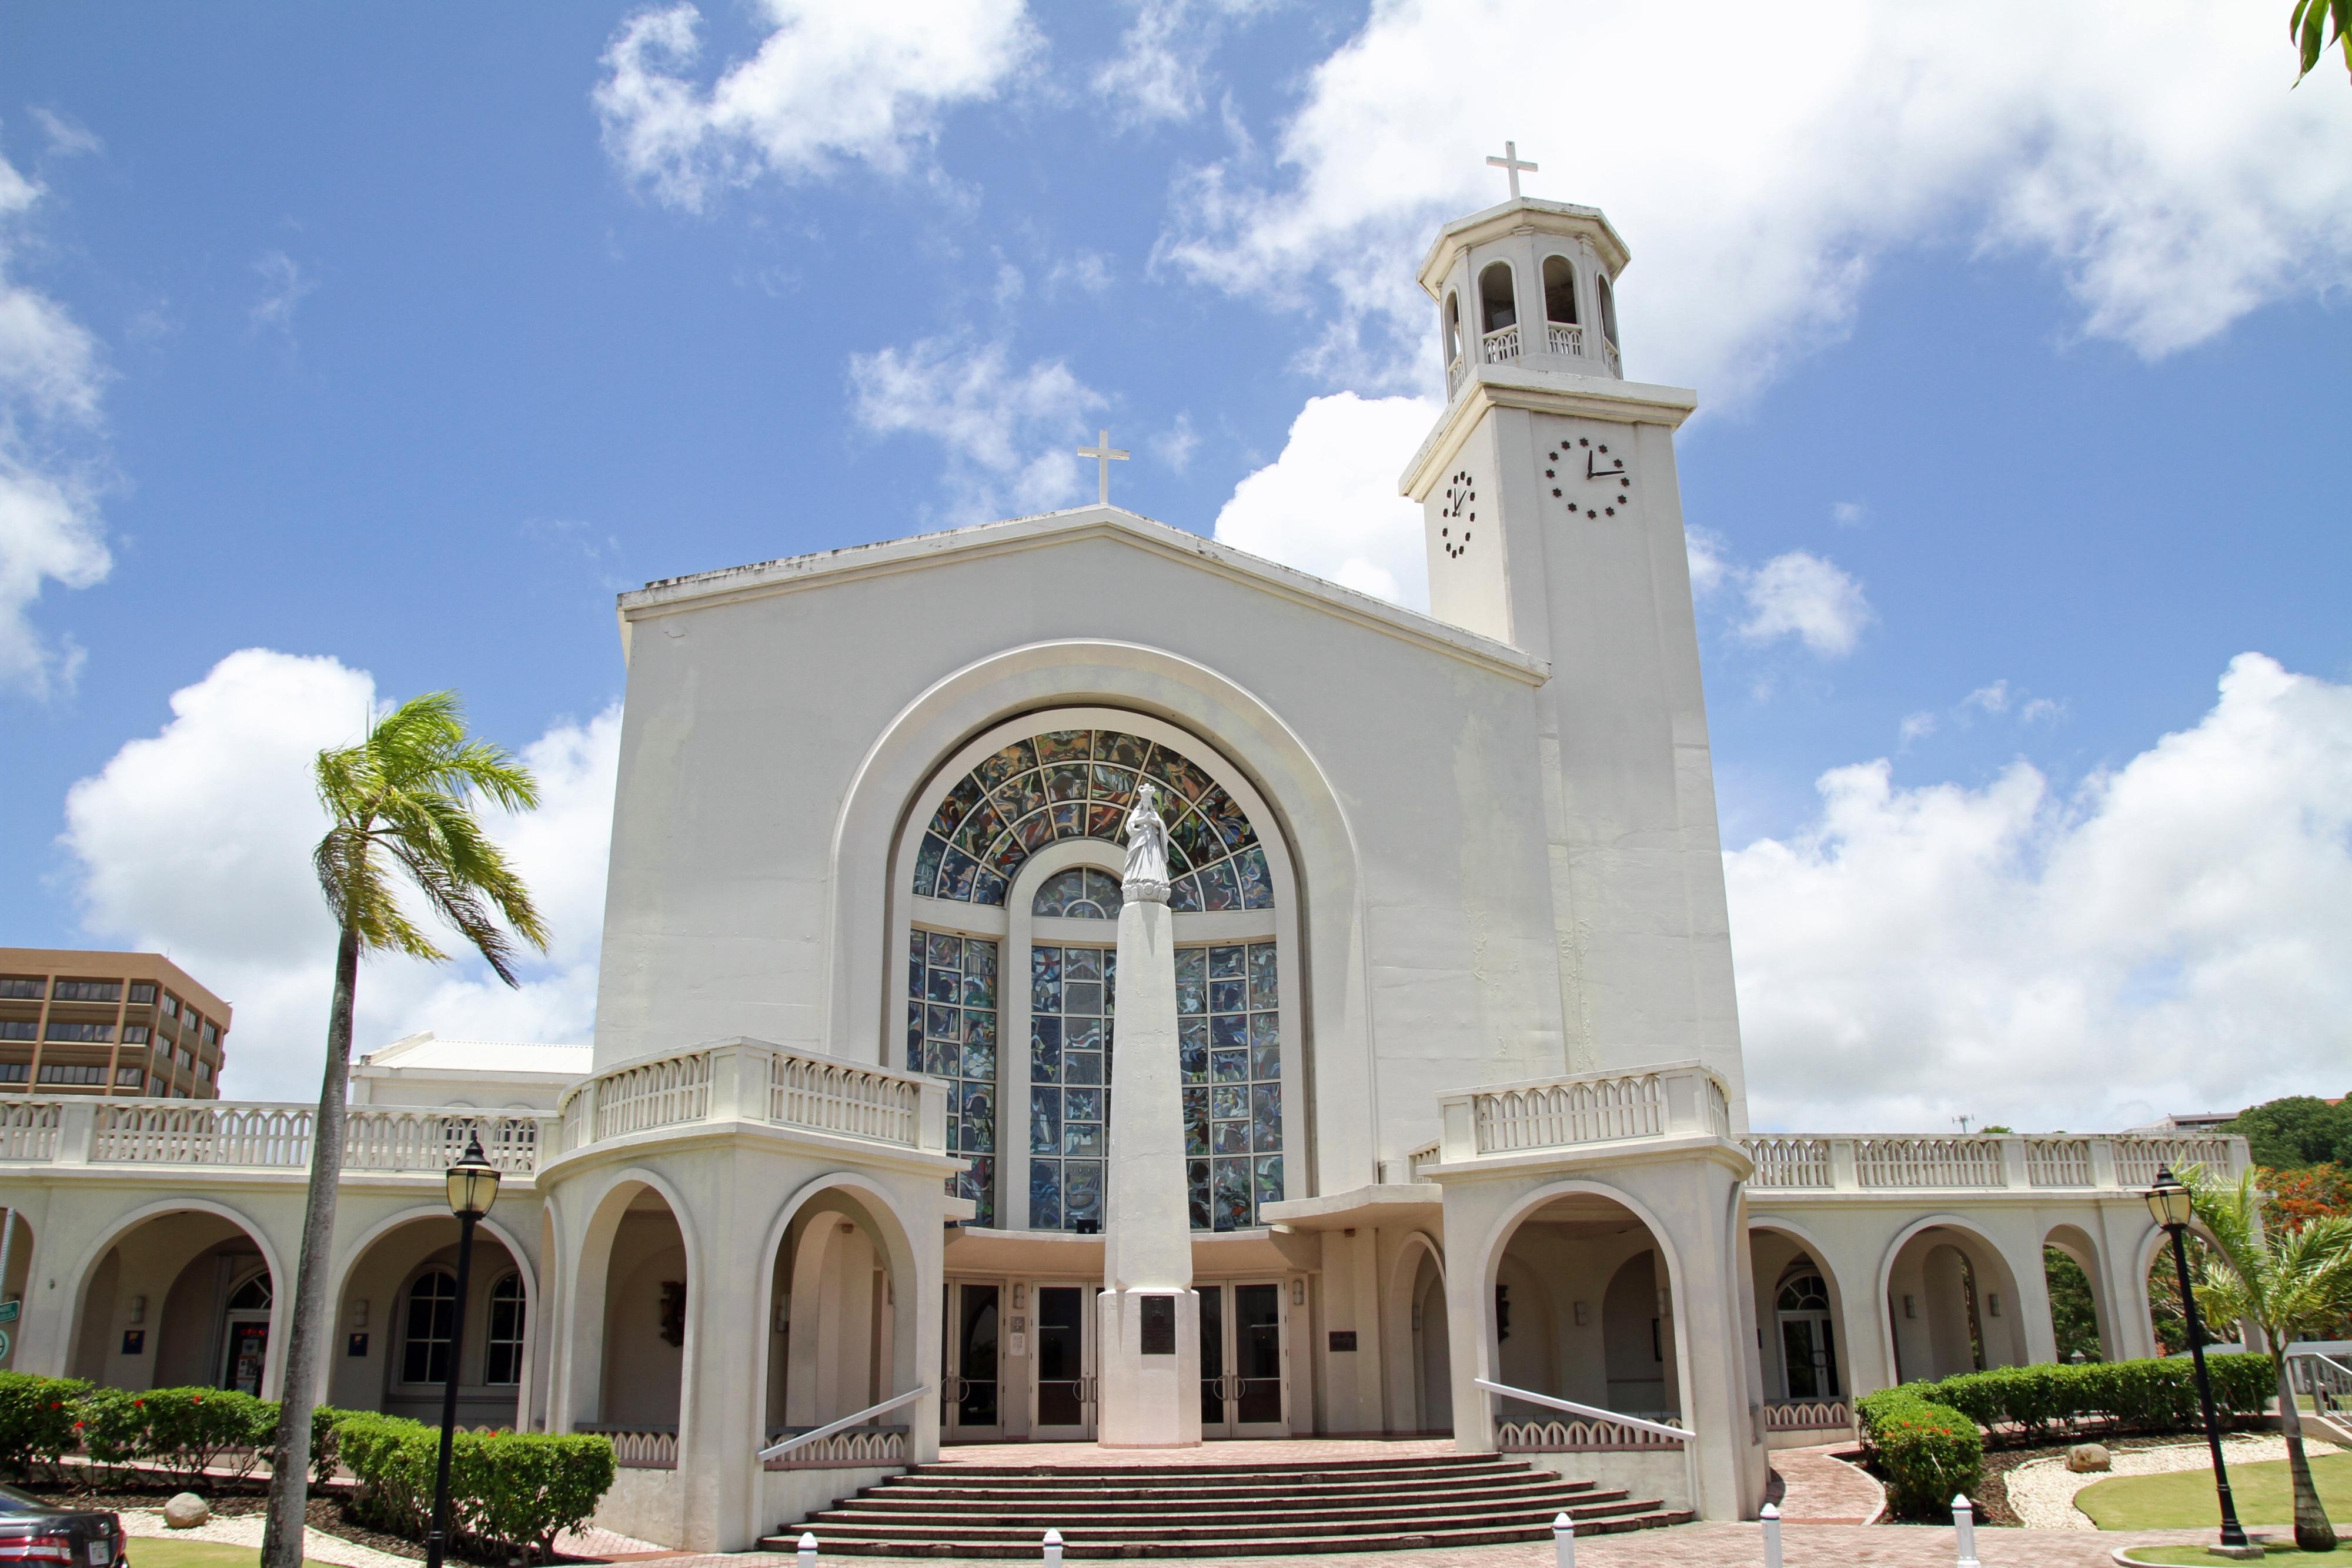 阿加尼亞聖母瑪利亞聖殿